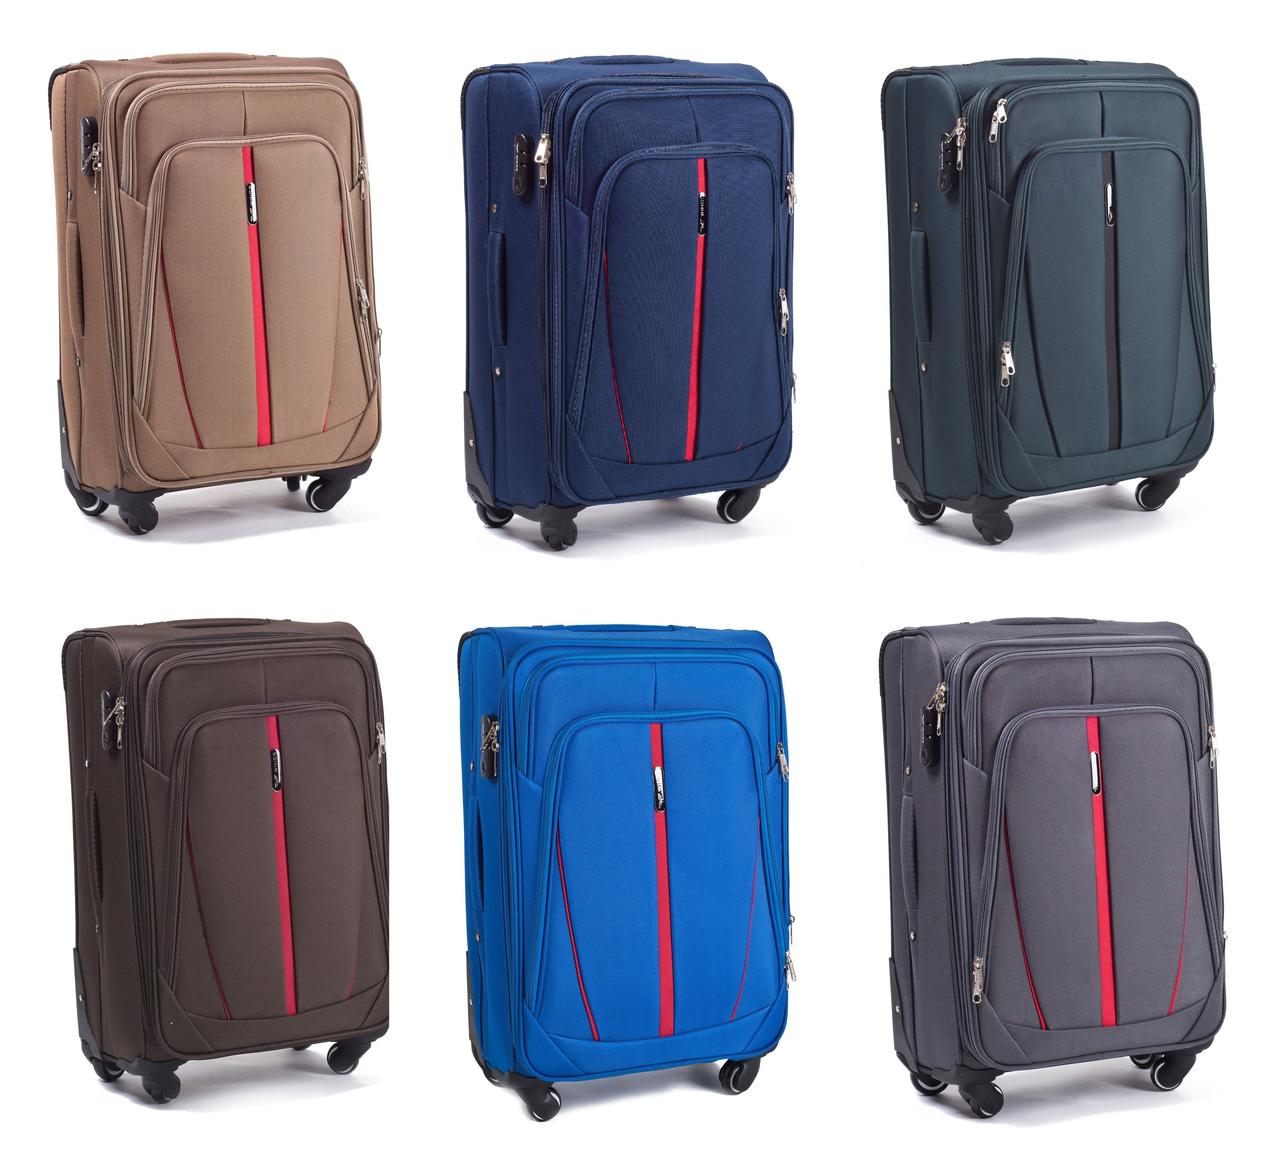 Дорожный чемодан на колесах WINGS 1706 тканевый с выдвижной ручкой  (Средний) - Интернет- 5ba3a83ff85